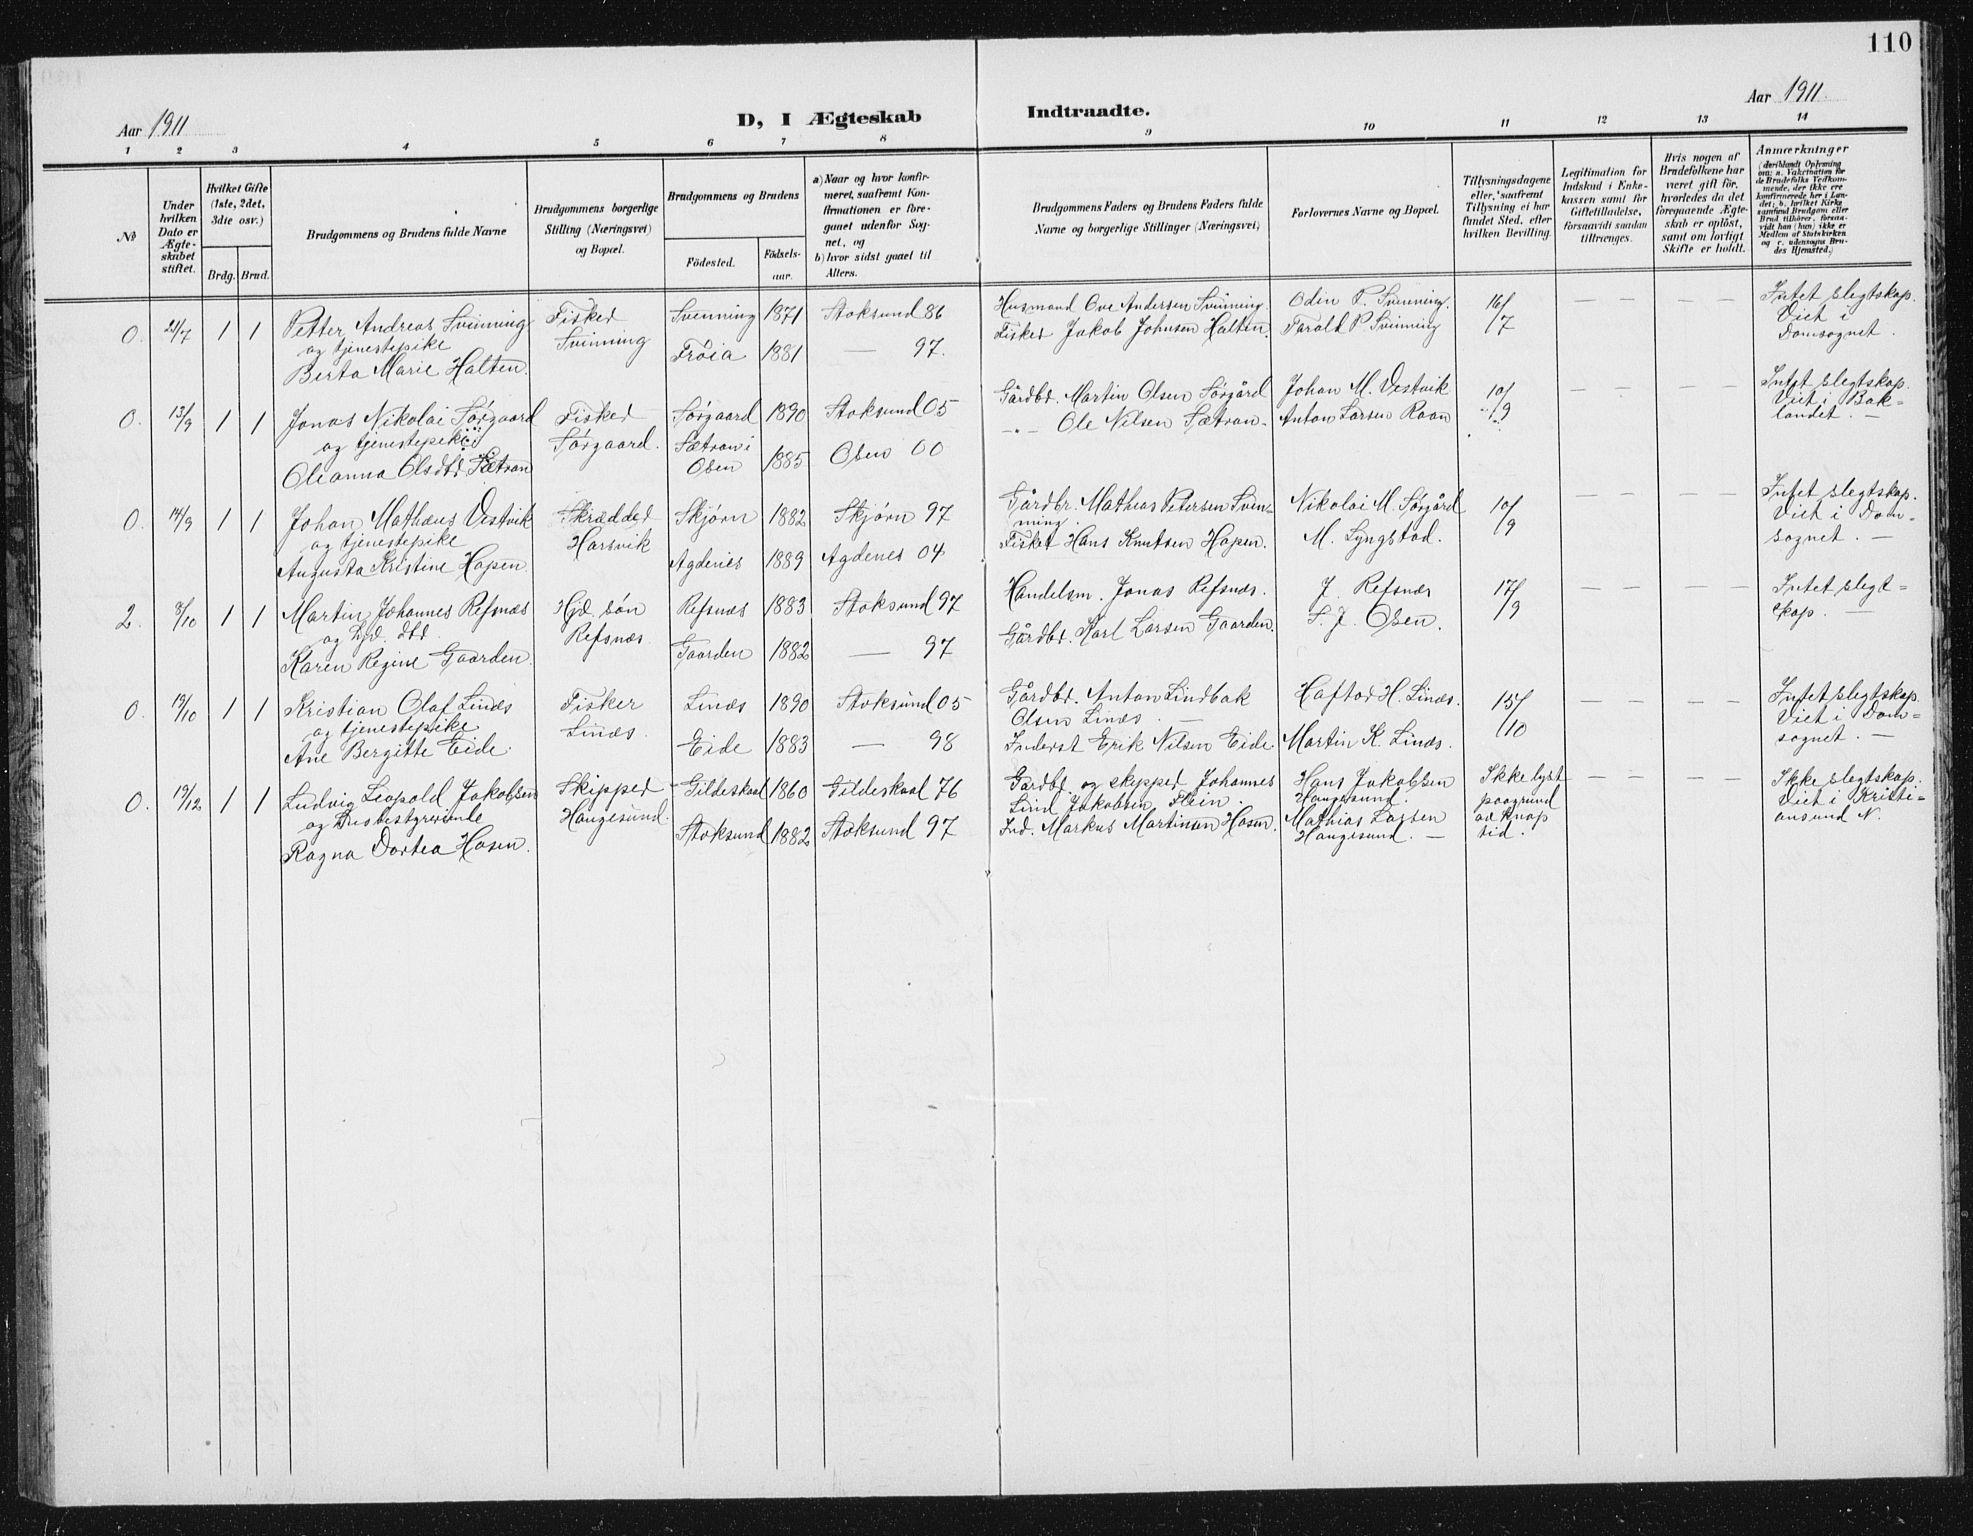 SAT, Ministerialprotokoller, klokkerbøker og fødselsregistre - Sør-Trøndelag, 656/L0699: Klokkerbok nr. 656C05, 1905-1920, s. 110